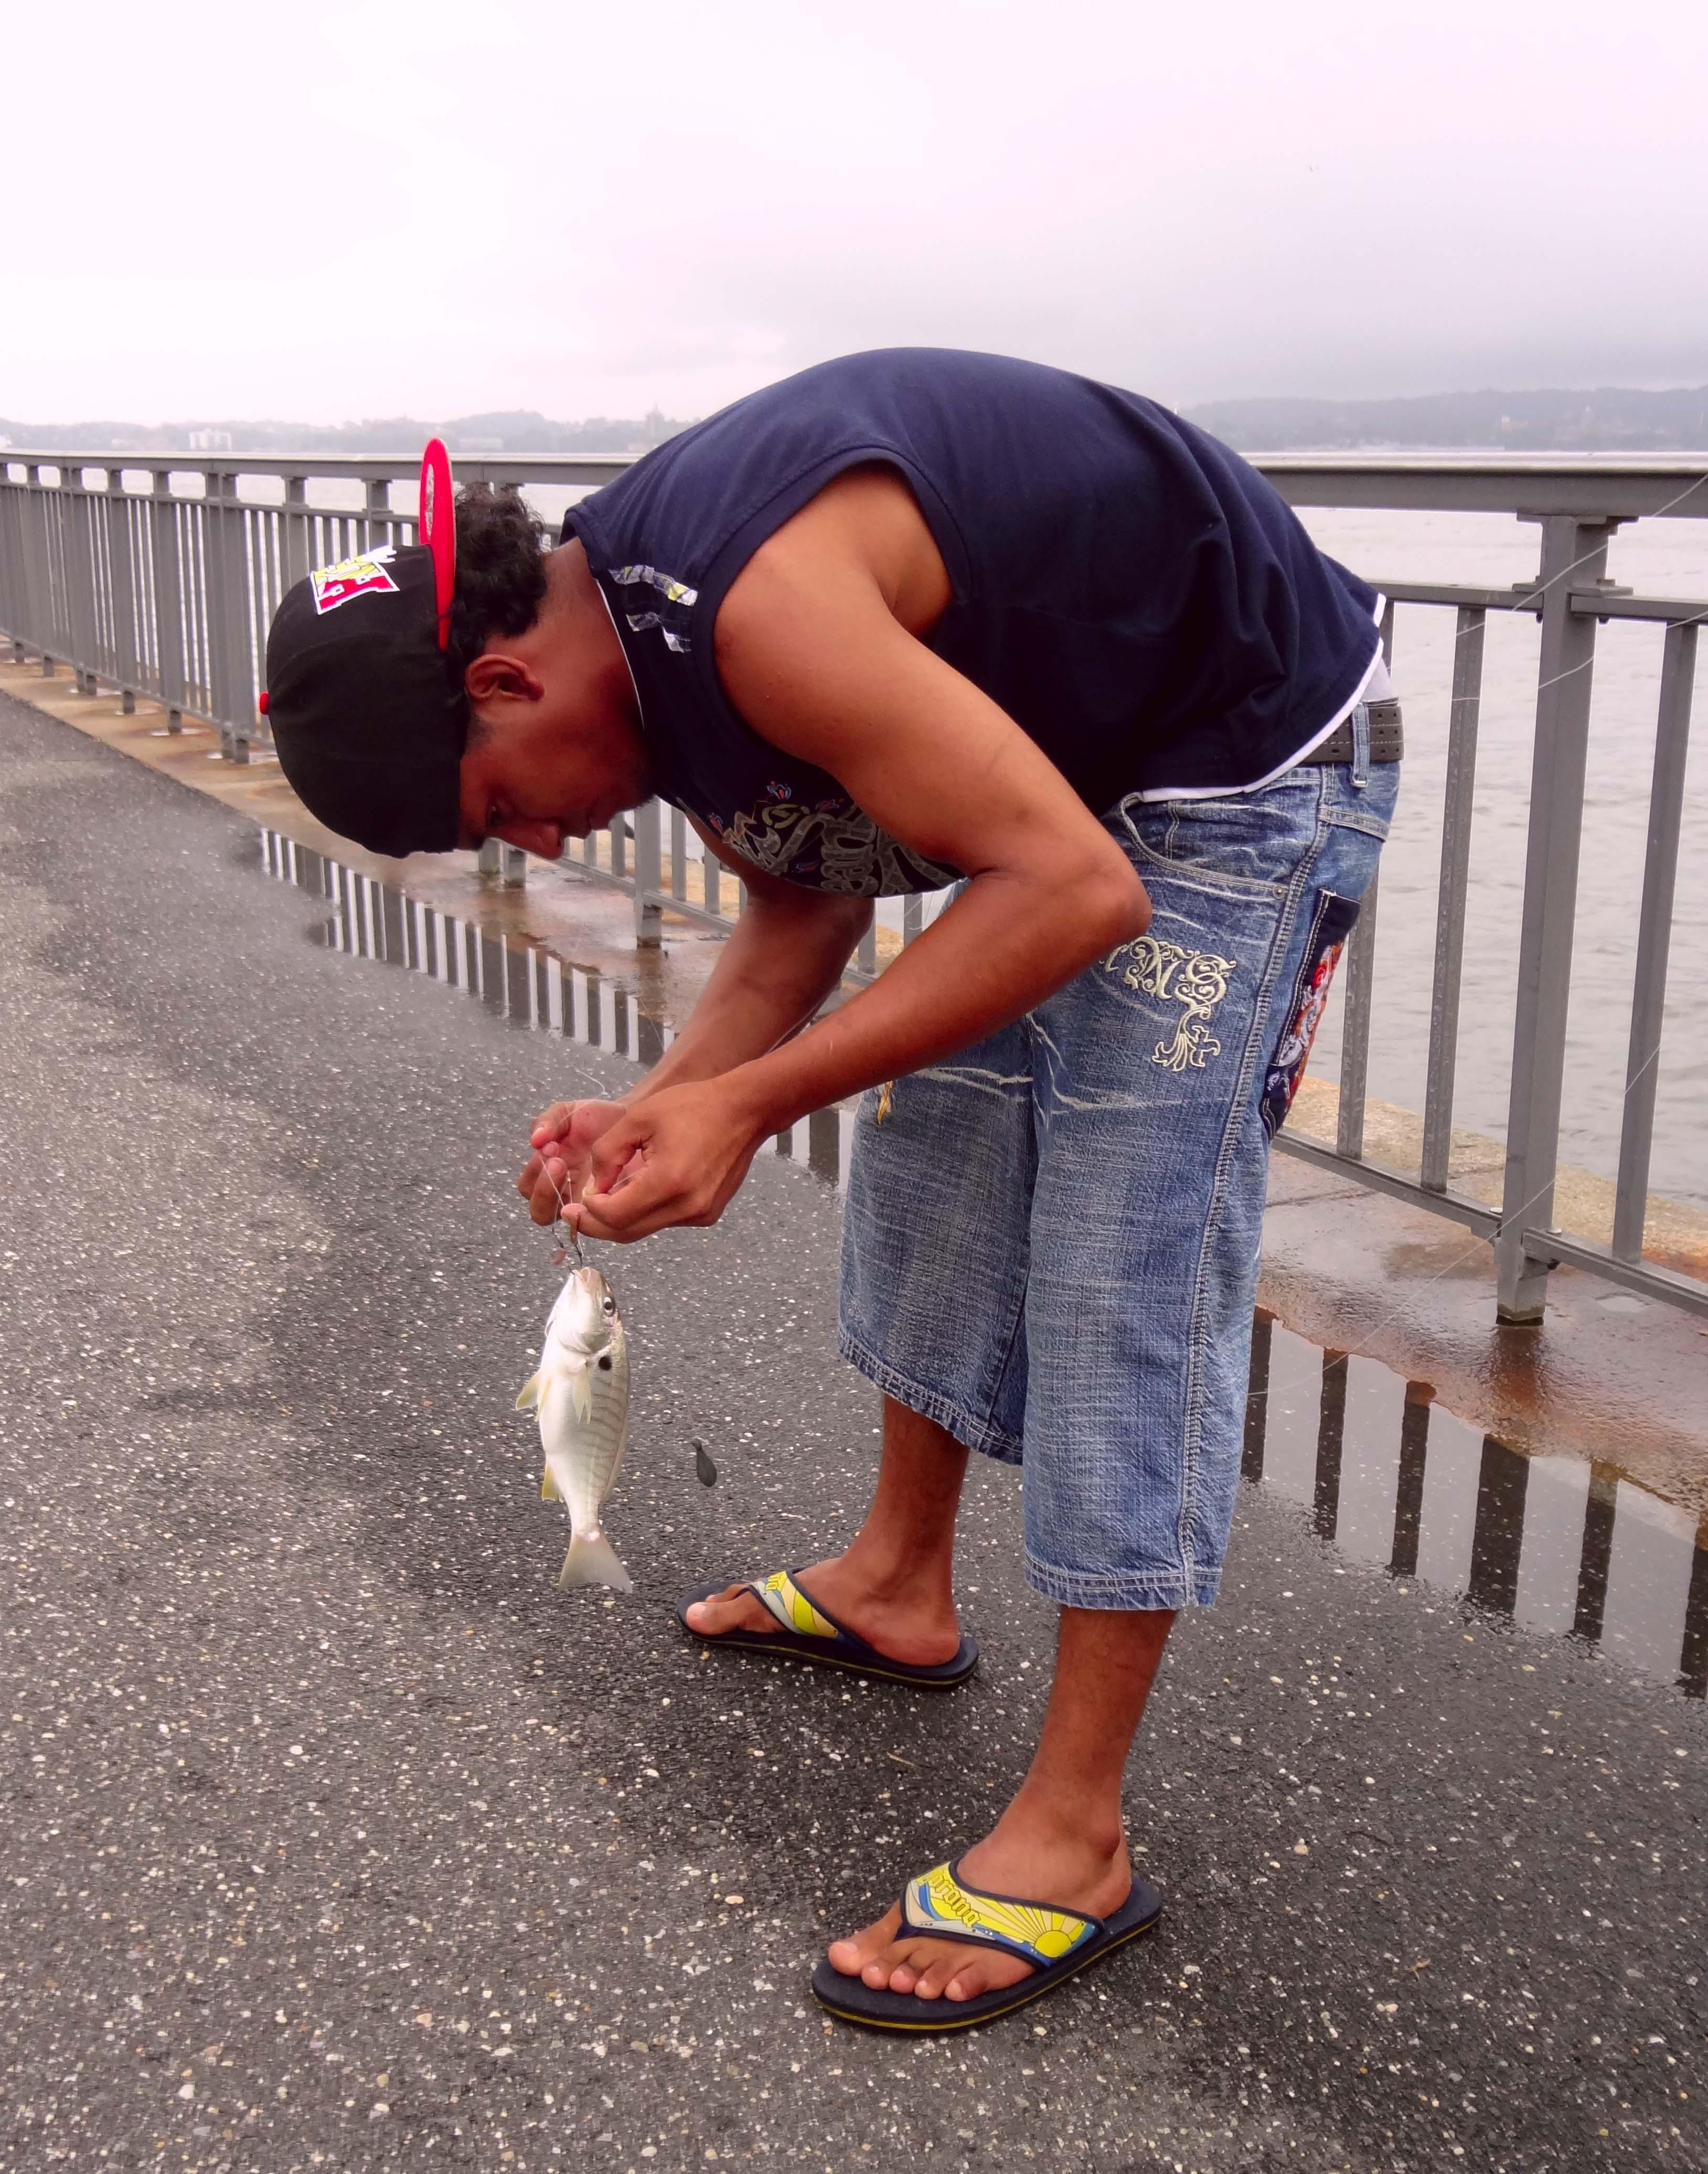 fishboy